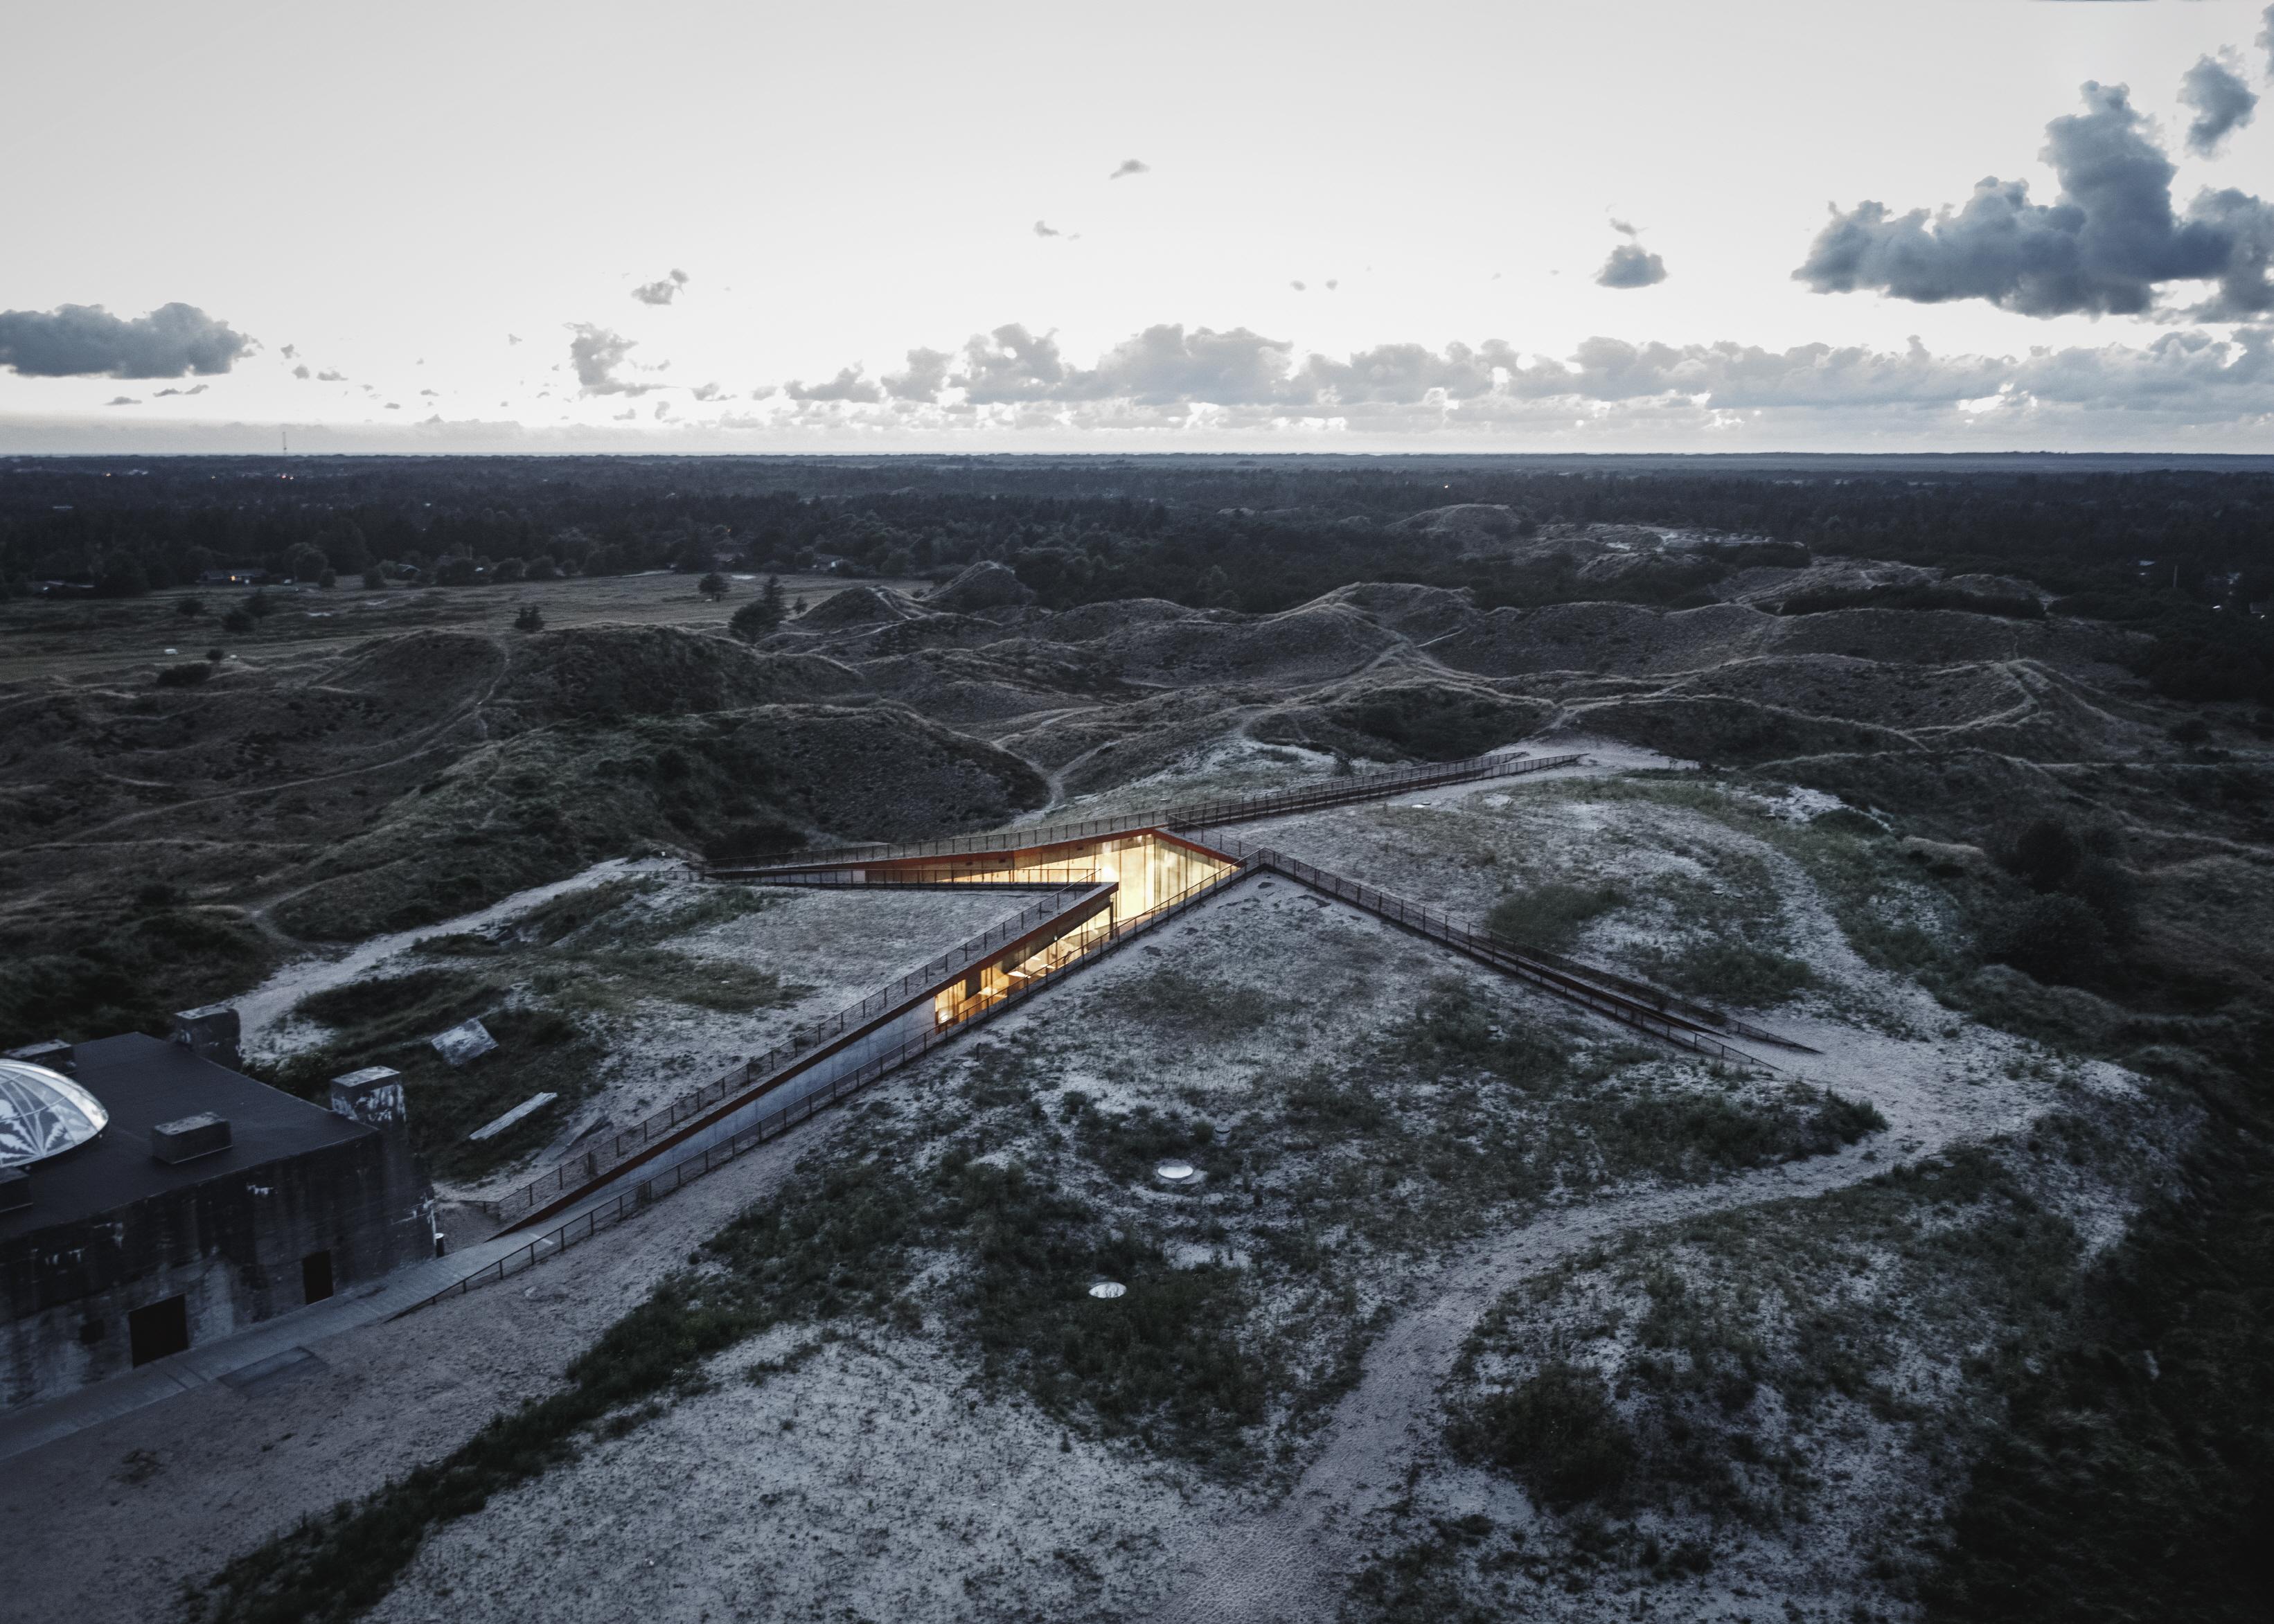 〔안정원의 건축 칼럼〕 전쟁의 잔해물인 벙커 구조물과 조화로운 보이지 않은 박물관 읽기 2